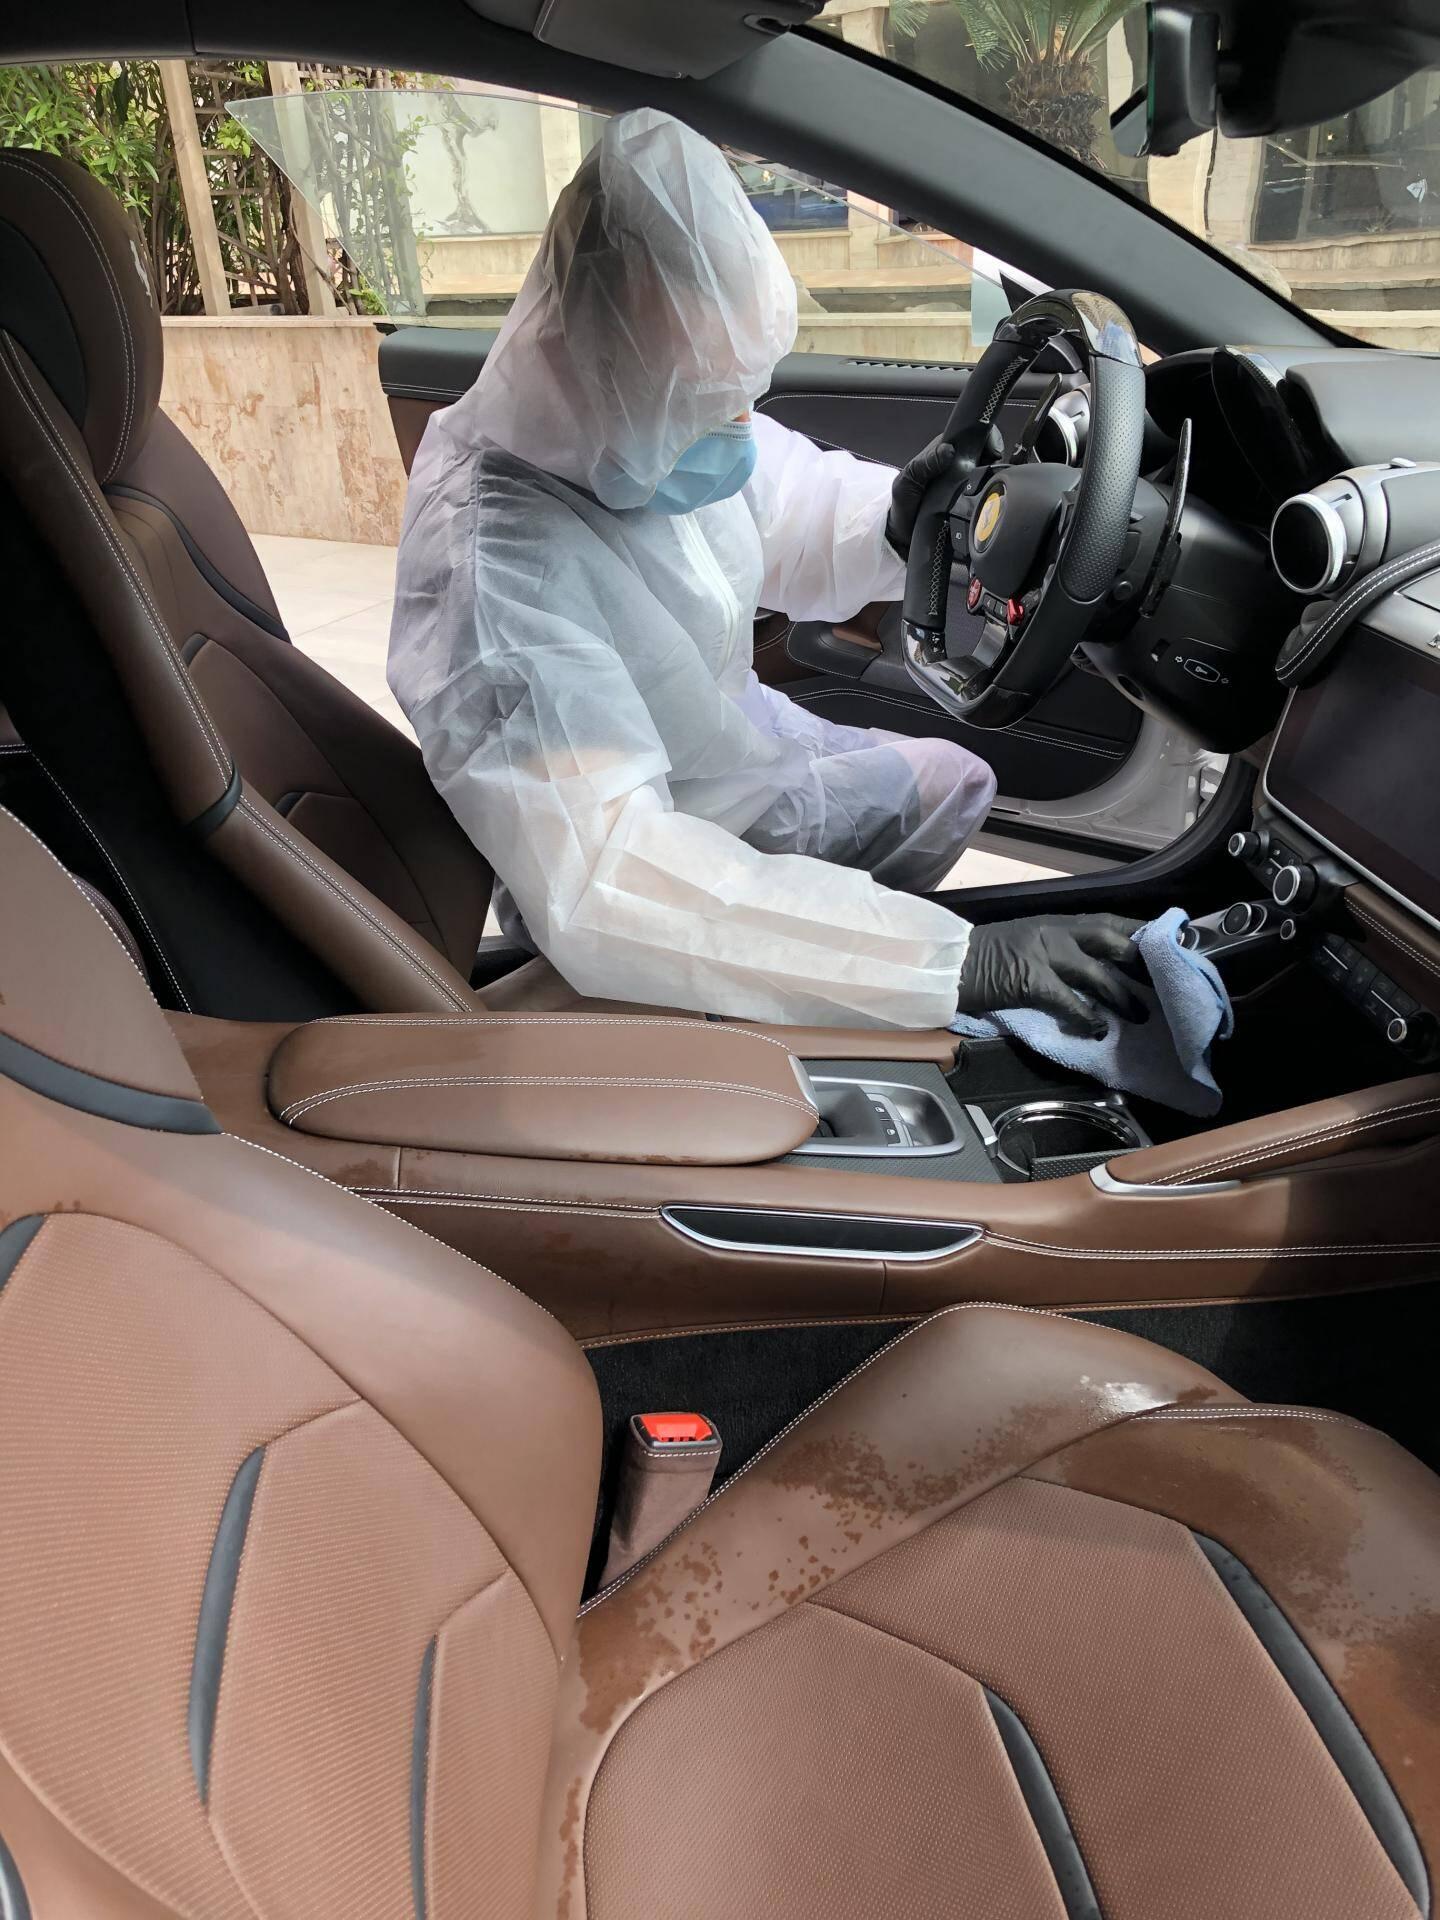 Protech Monte Carlo a développé une prestation dédiée à la désinfection des habitacles de véhicules.